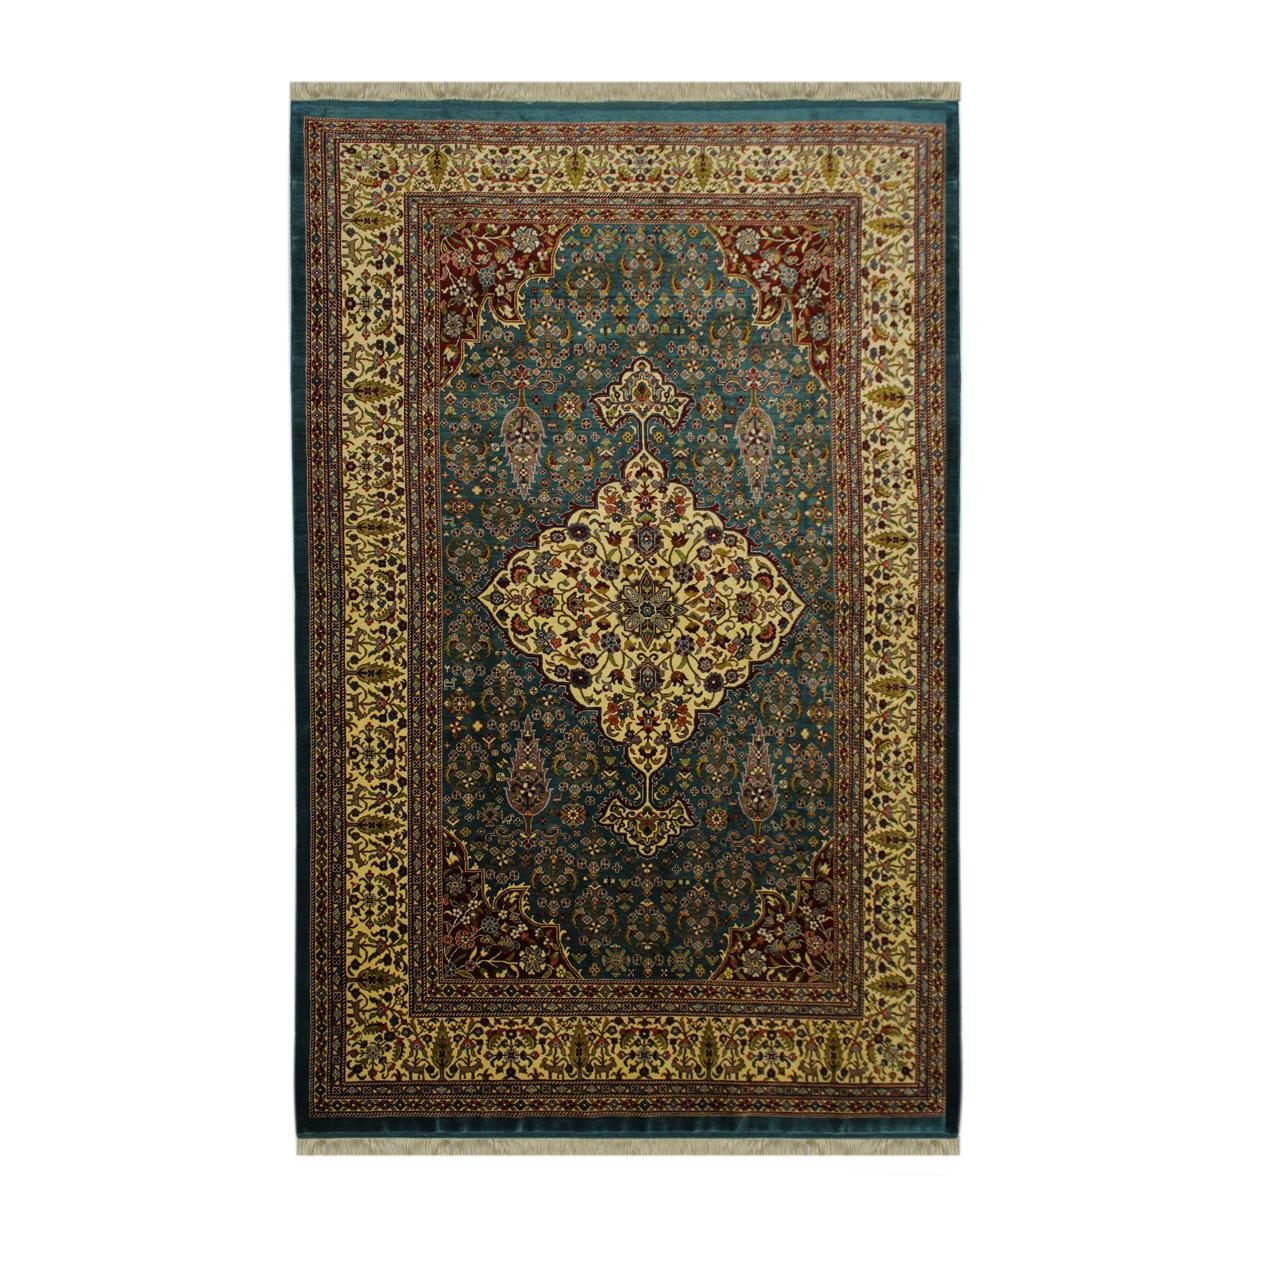 فرش دستبافت سه متری مدل قشقایی کد 1105744